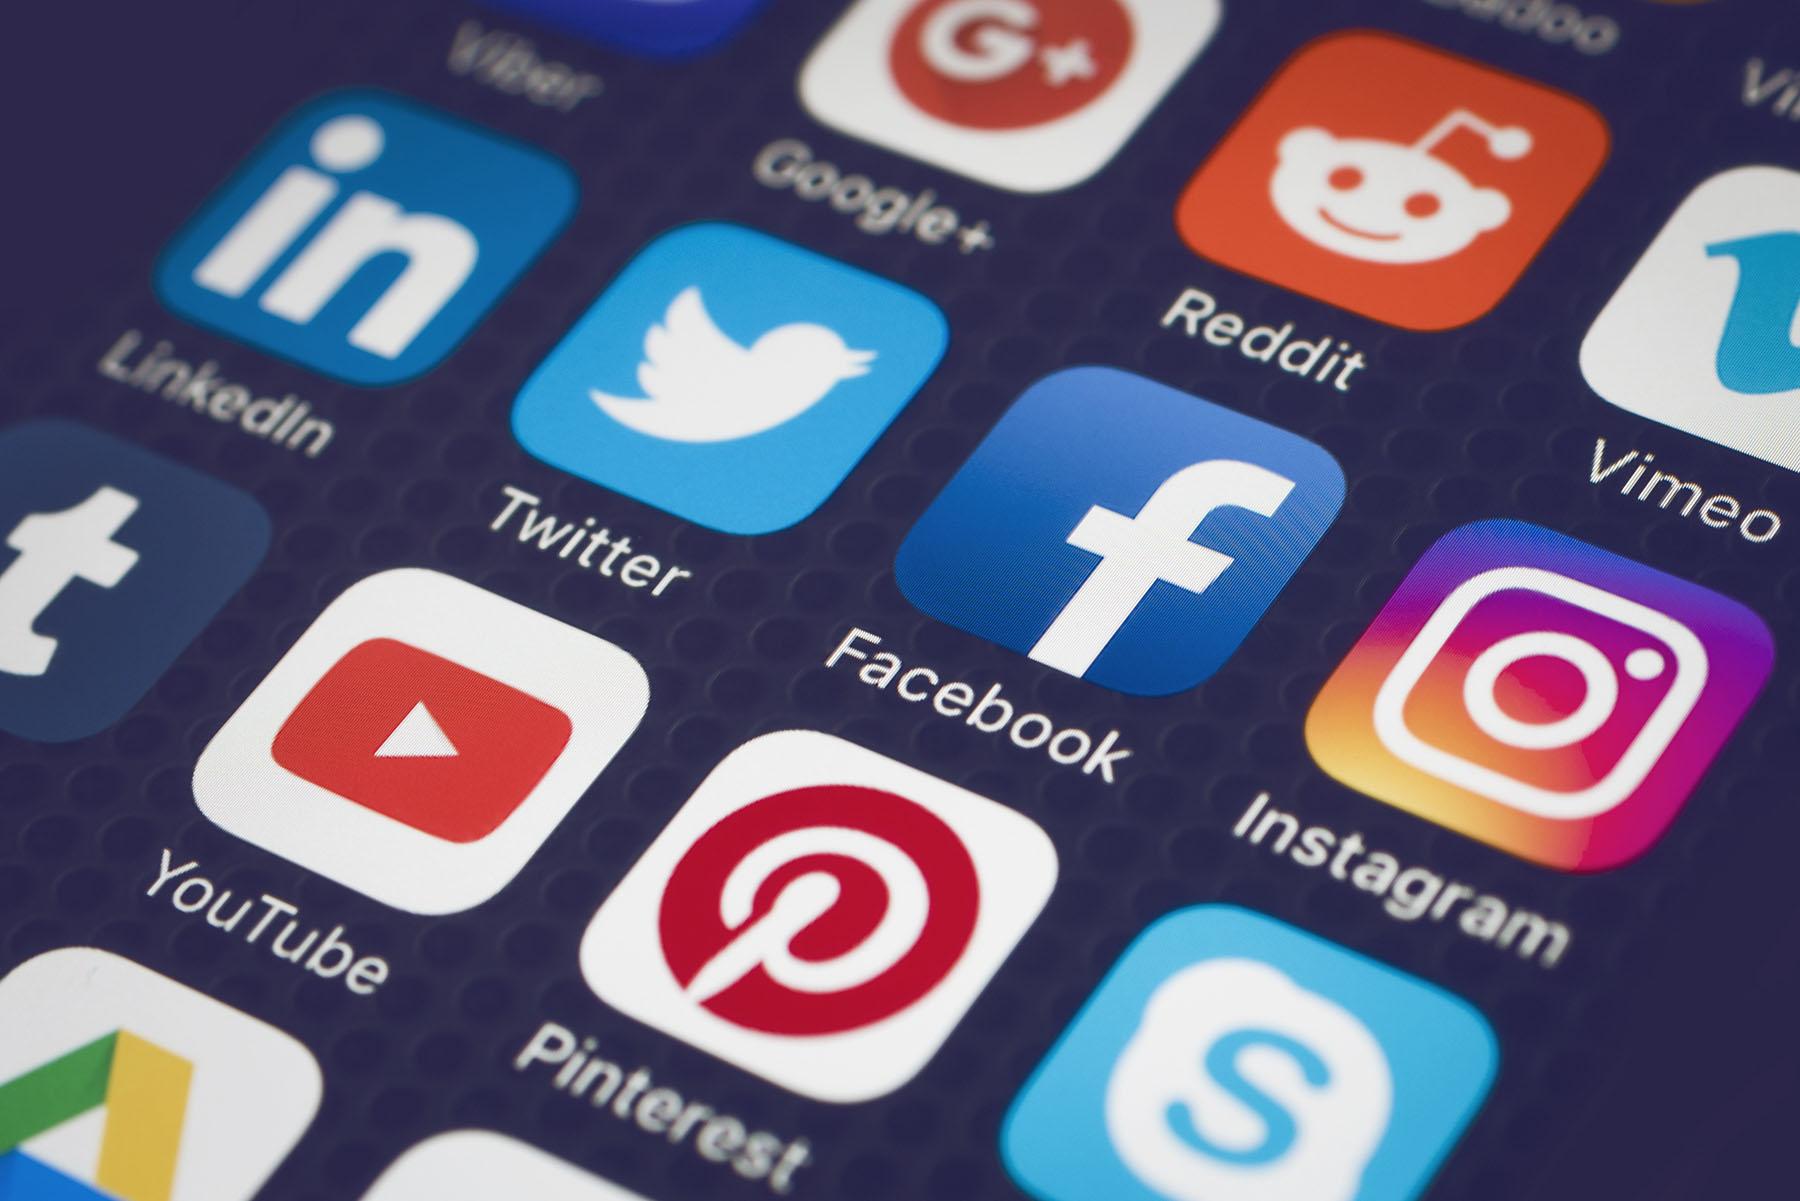 Tailles-images-reseaux-sociaux-2020